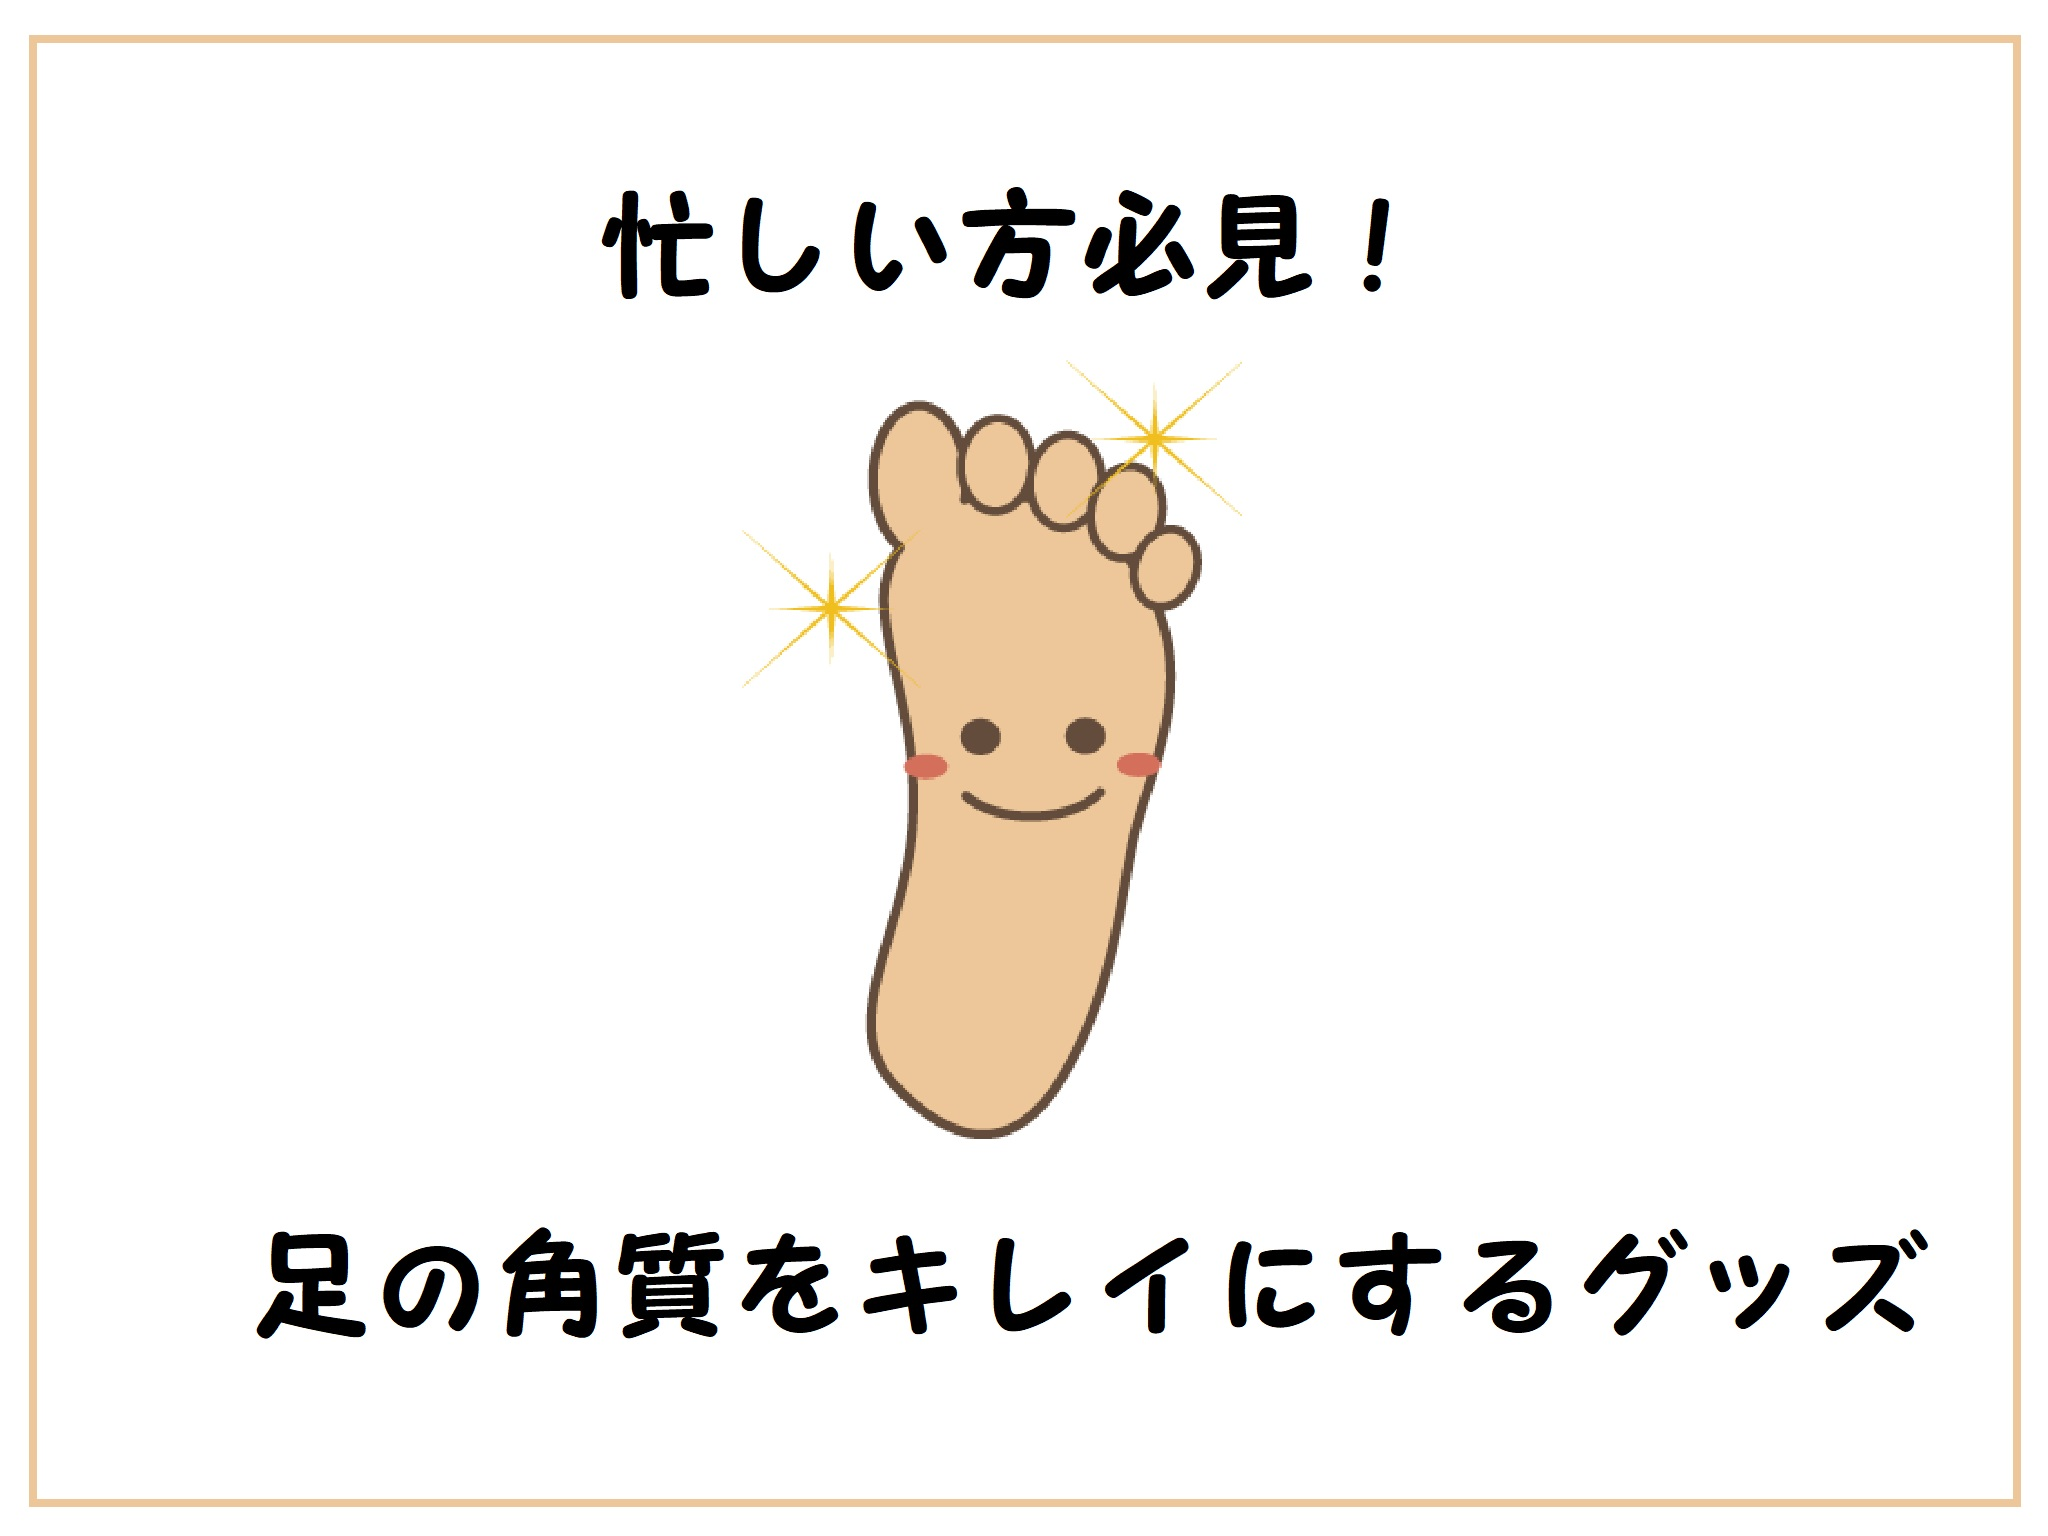 【時短】子育てママでもできる足の角質をきれいにする方法!簡単グッズをご紹介